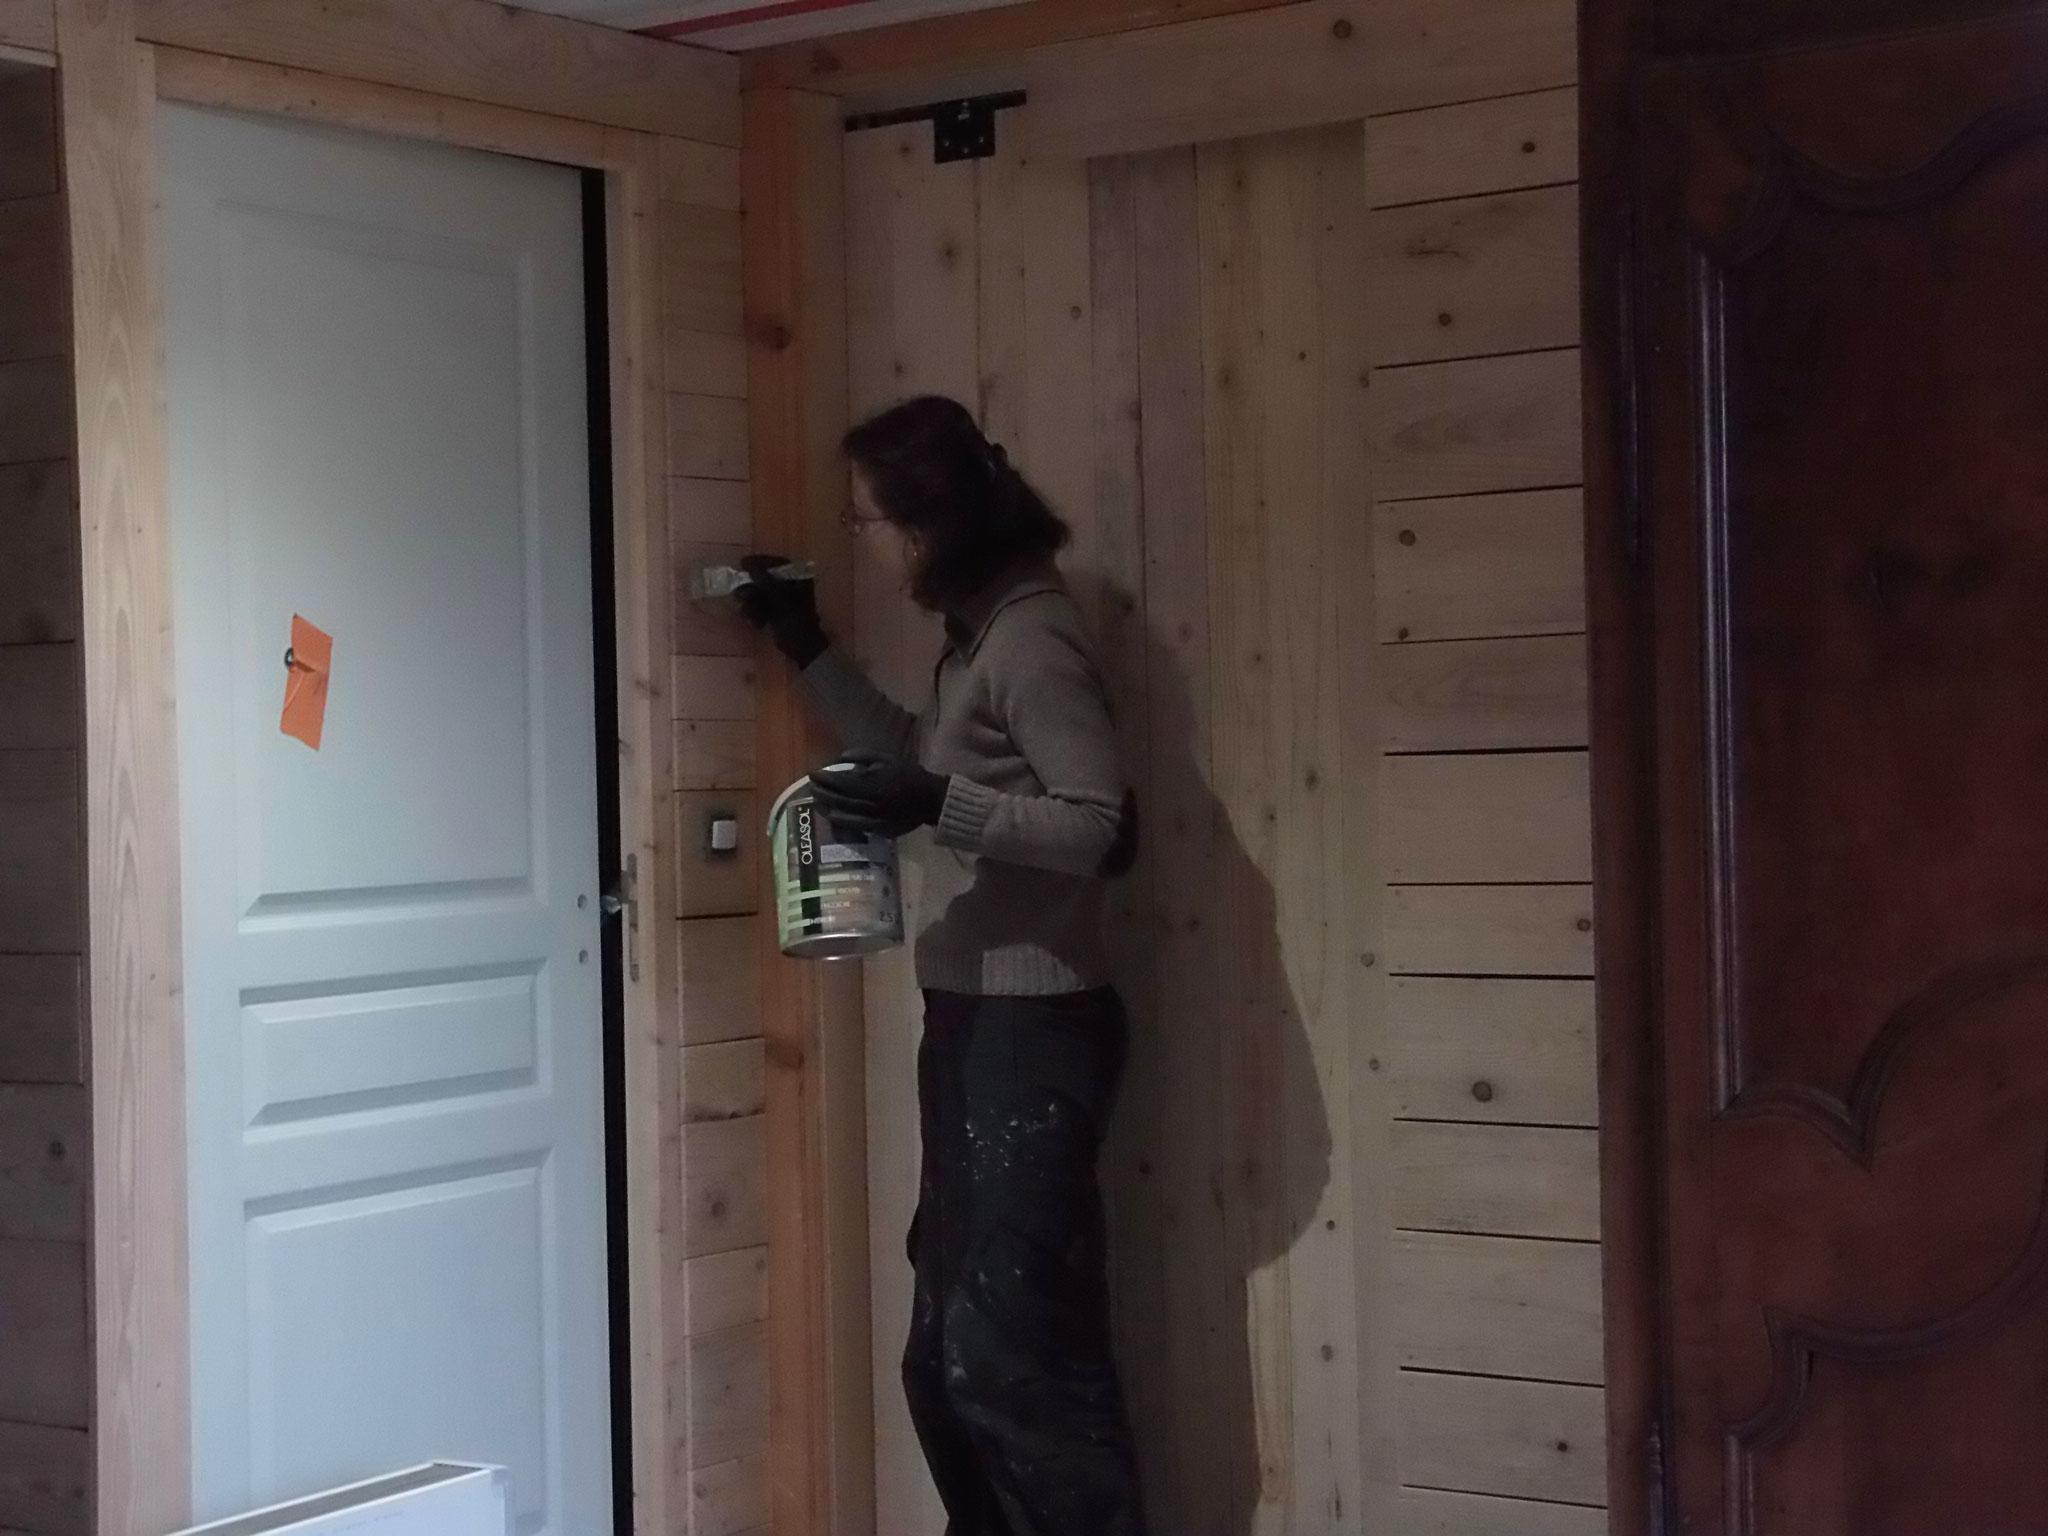 Septembre-Octobre : on recouvre les murs d'une huile dure protectrice